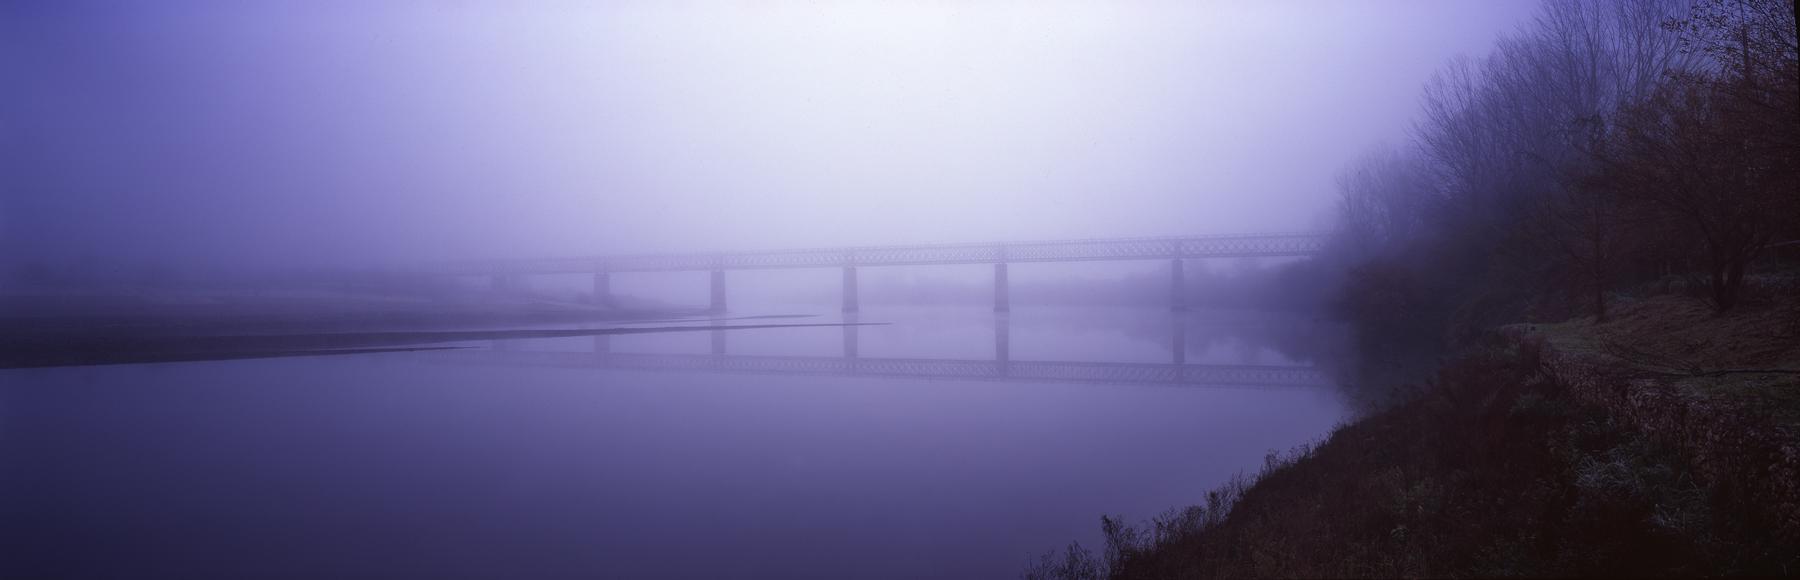 Misty | DIY 6x17 90mm | Raul Pires Coelho